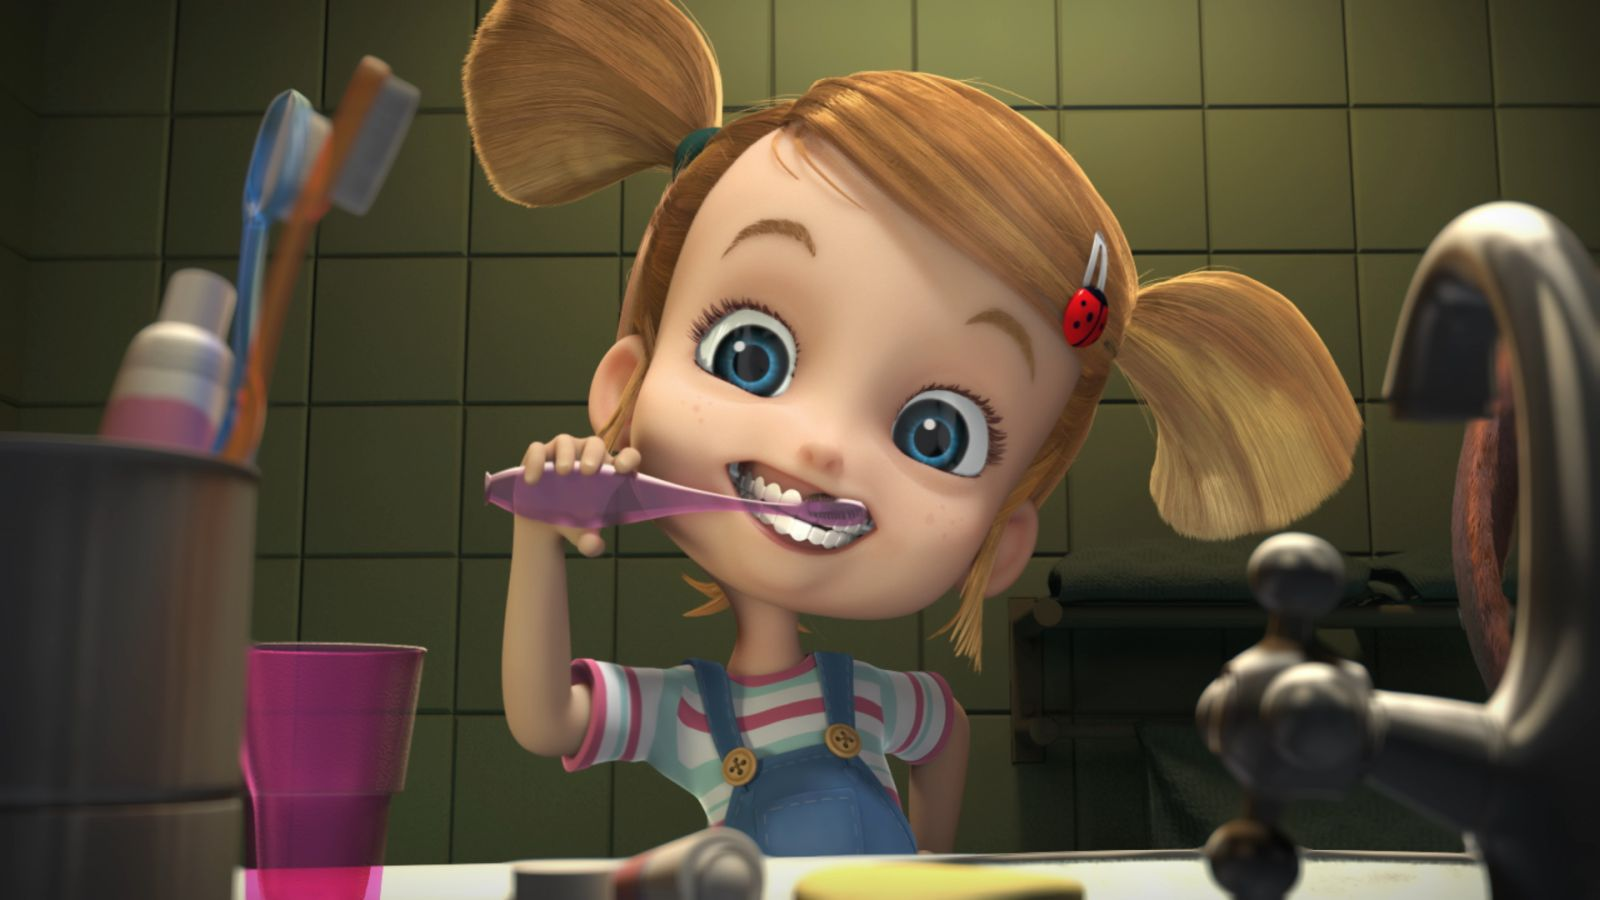 Ozzy - Cucciolo coraggioso: un'immagine tratta dal film d'animazione